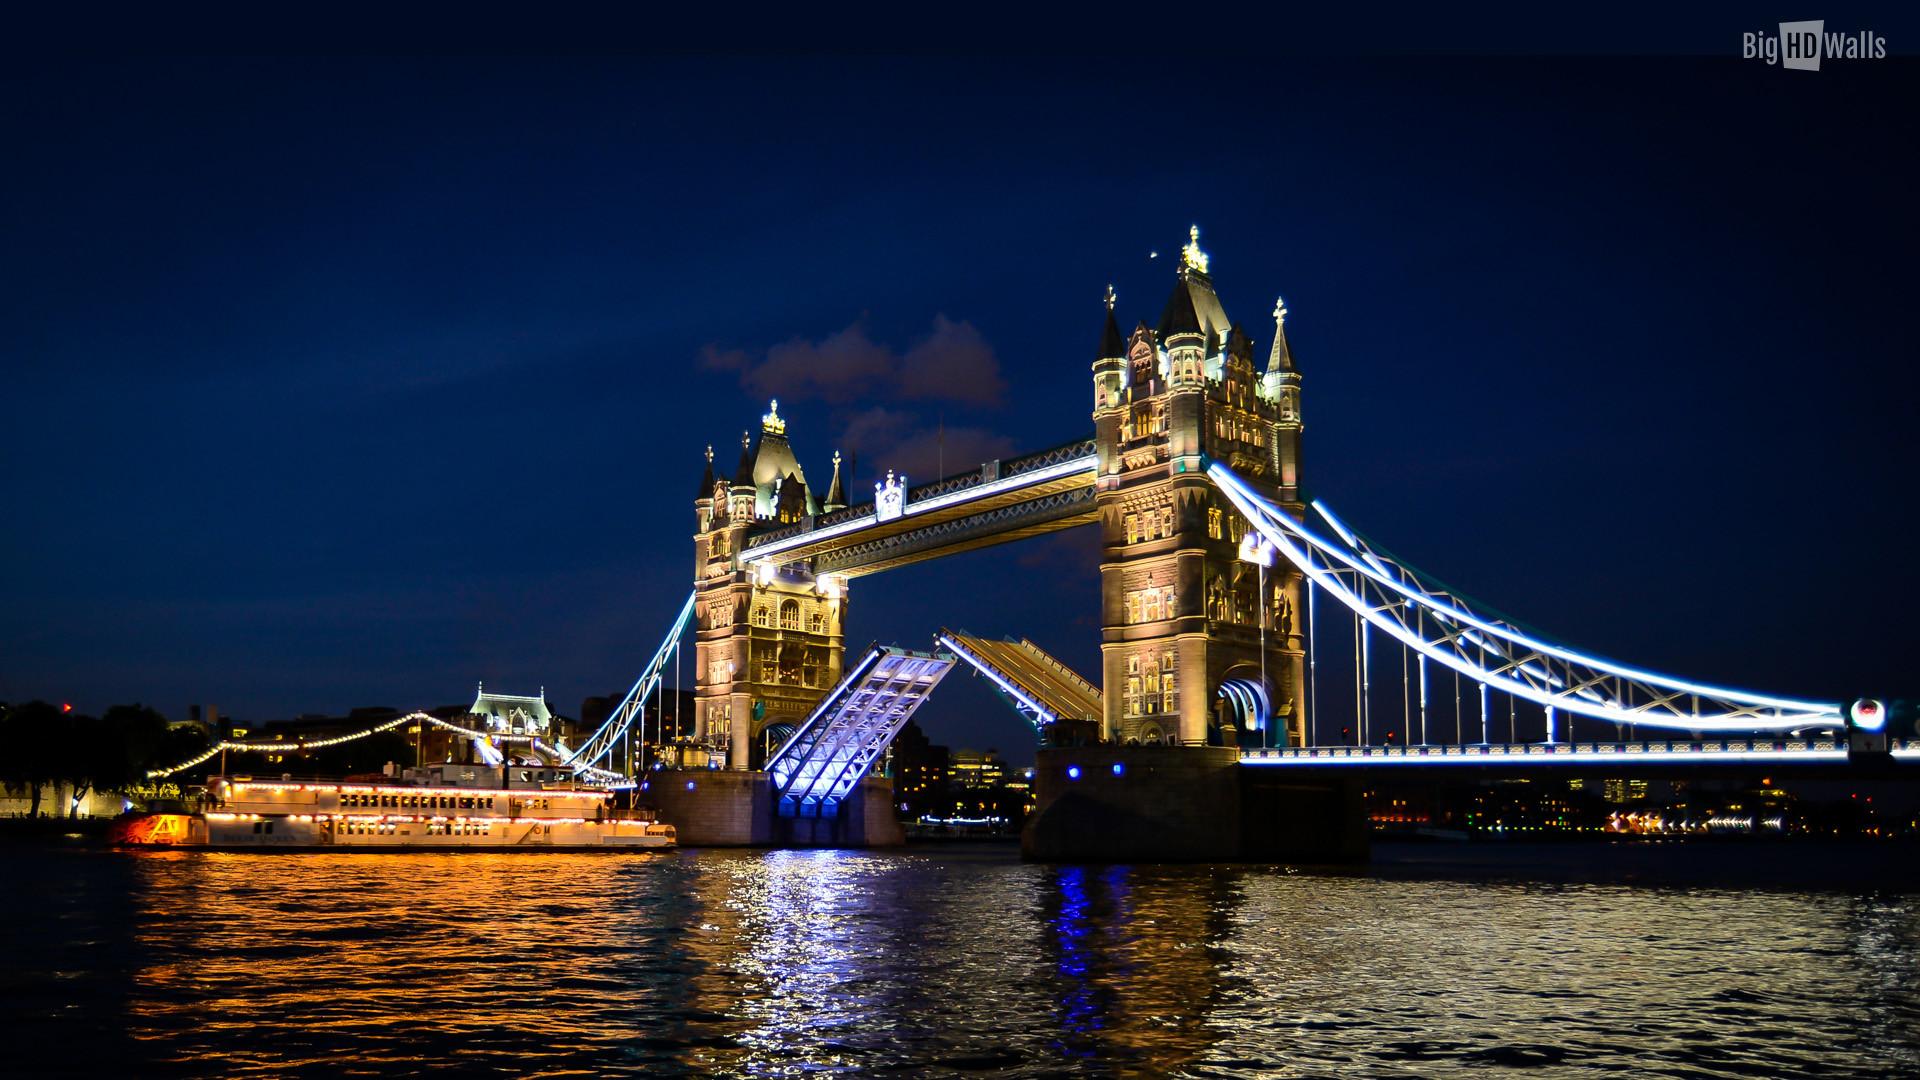 london bridge wallpaper 59 images. Black Bedroom Furniture Sets. Home Design Ideas